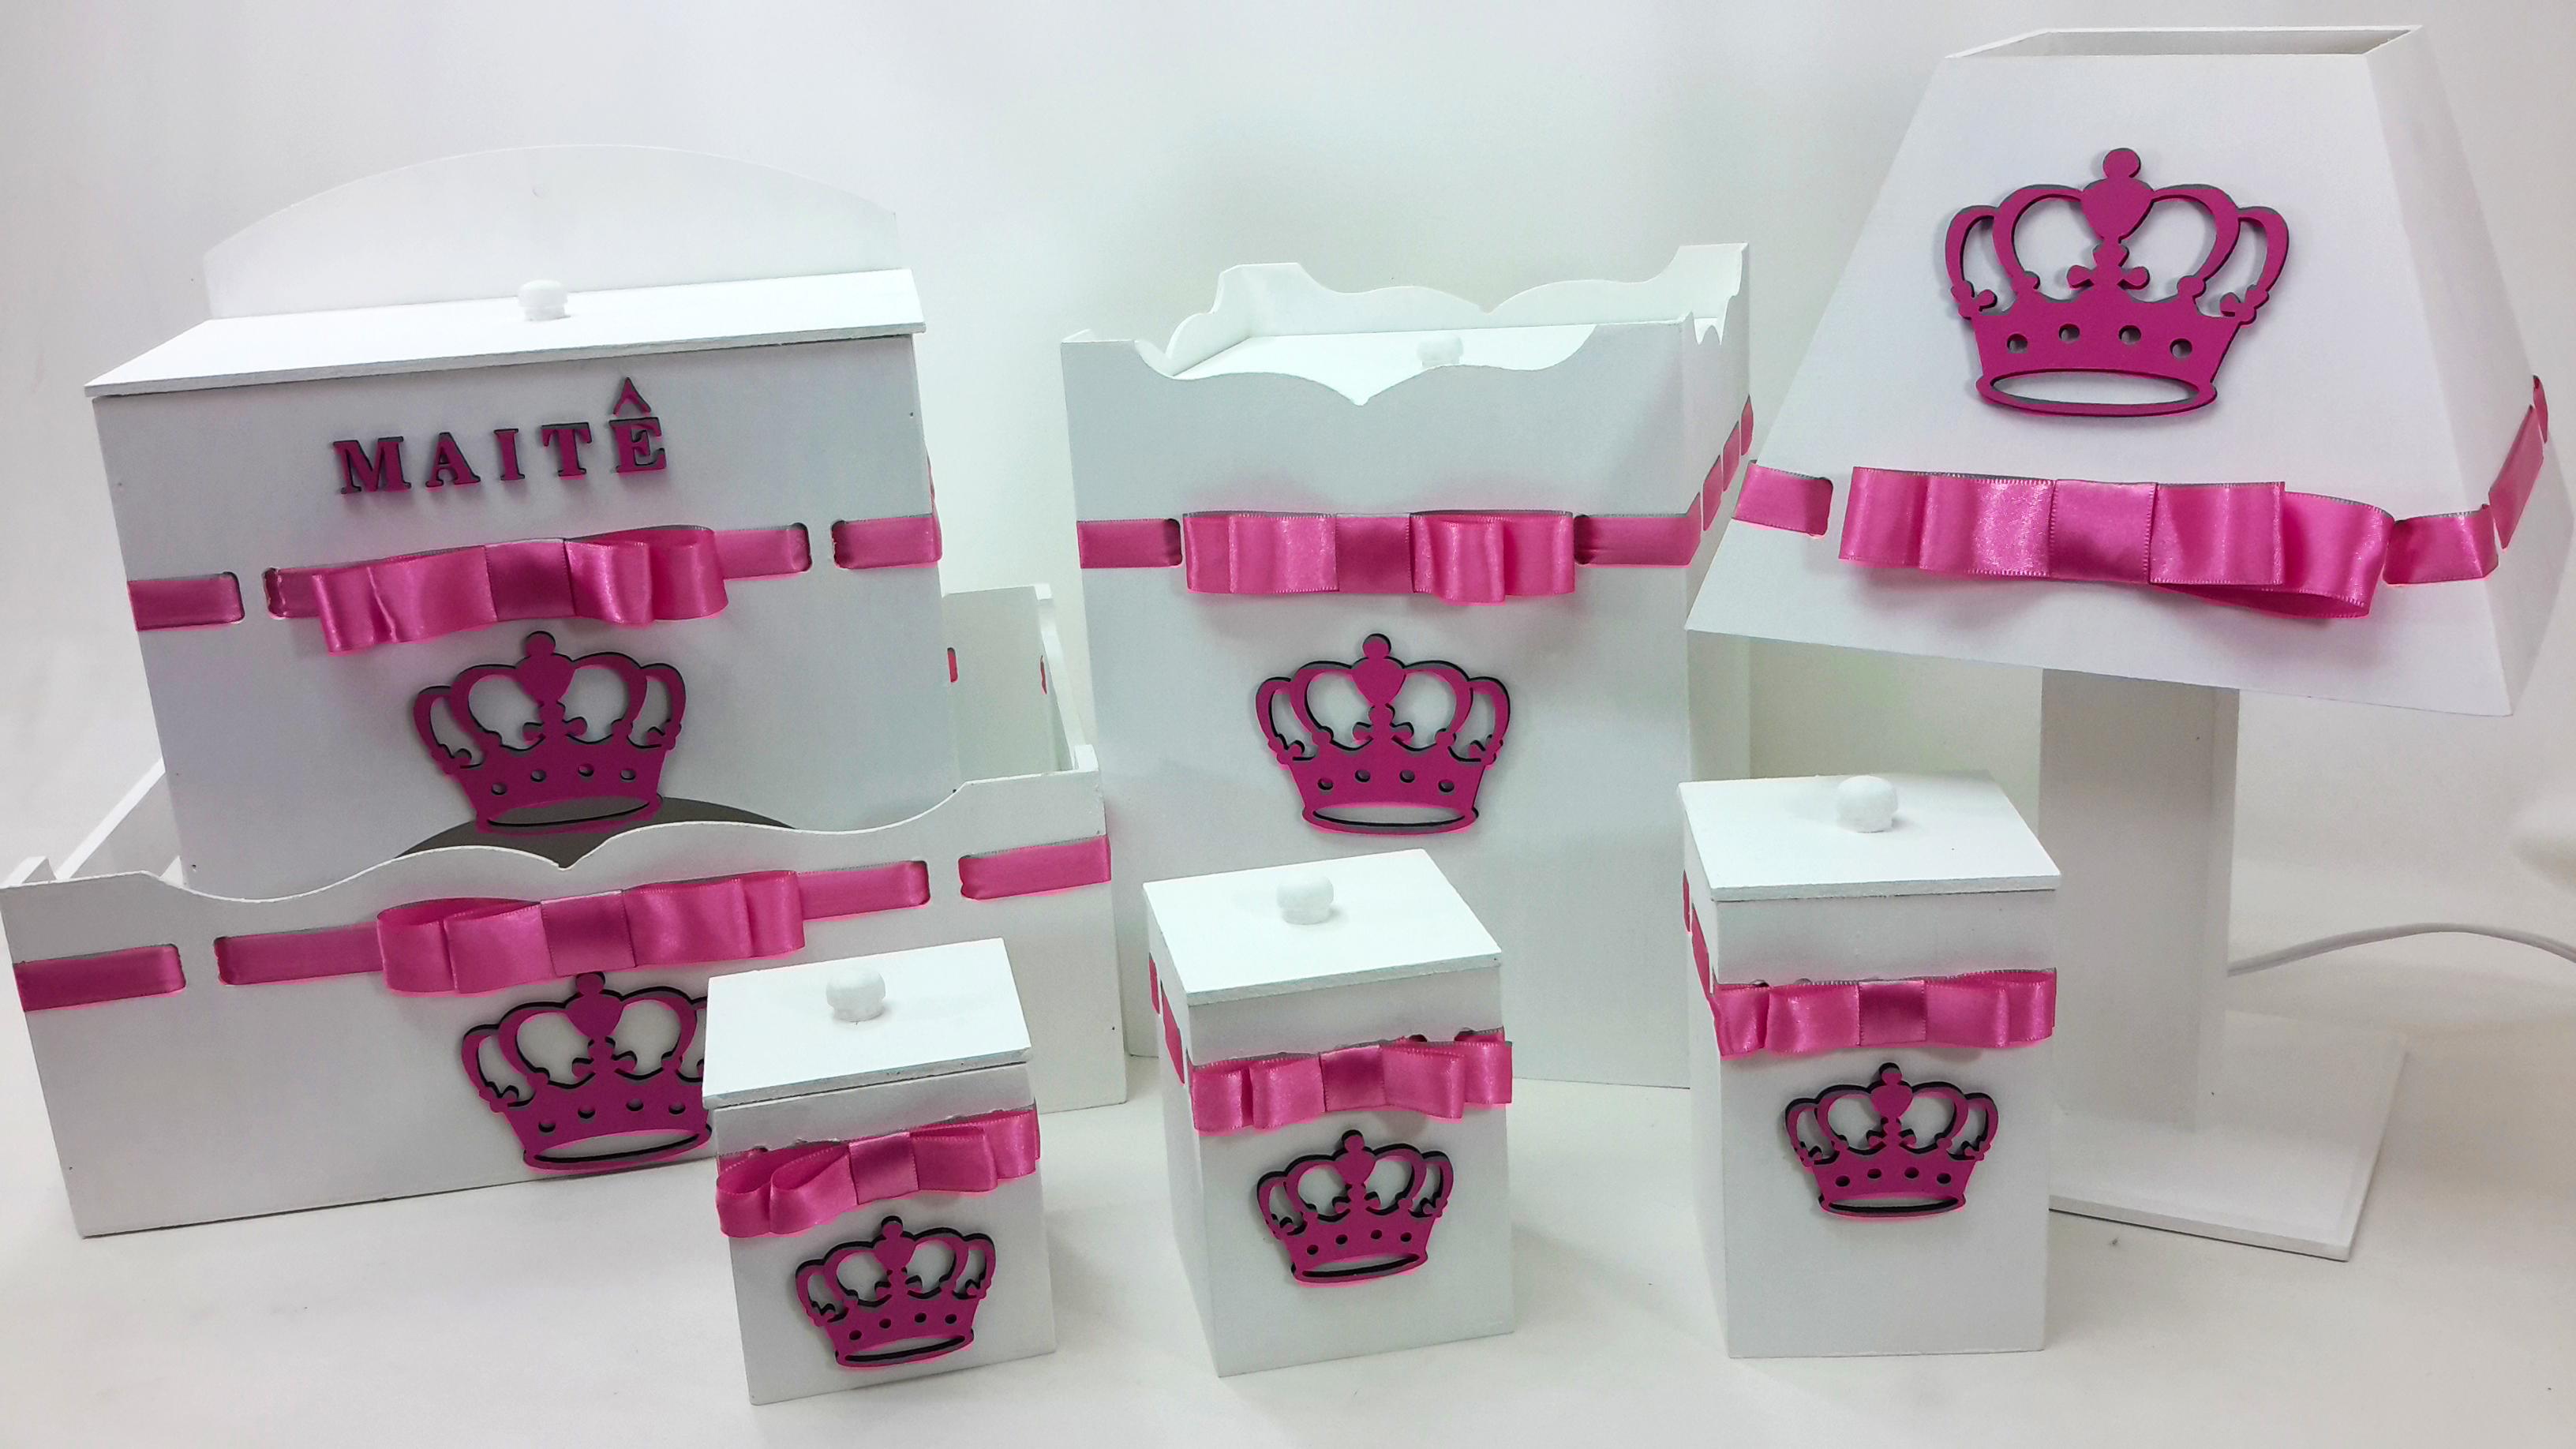 Kit Higiene Beb u00ea em MDF EH Ateli u00ea Elo7 # Como Decorar Kit Higiene Bebe Com Tecido